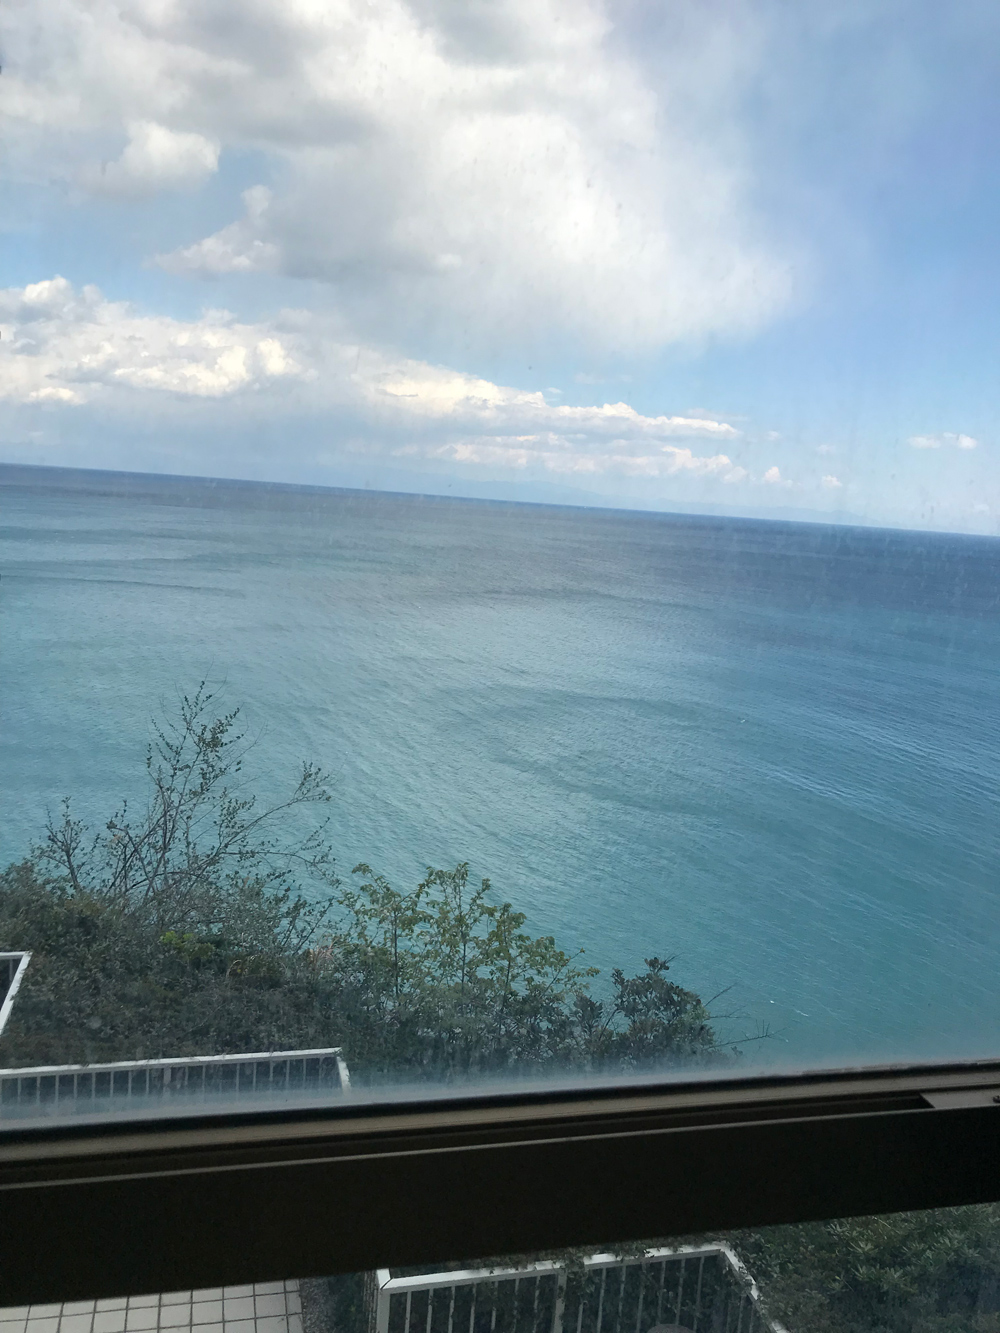 窓から見える海は穏やかに見えました